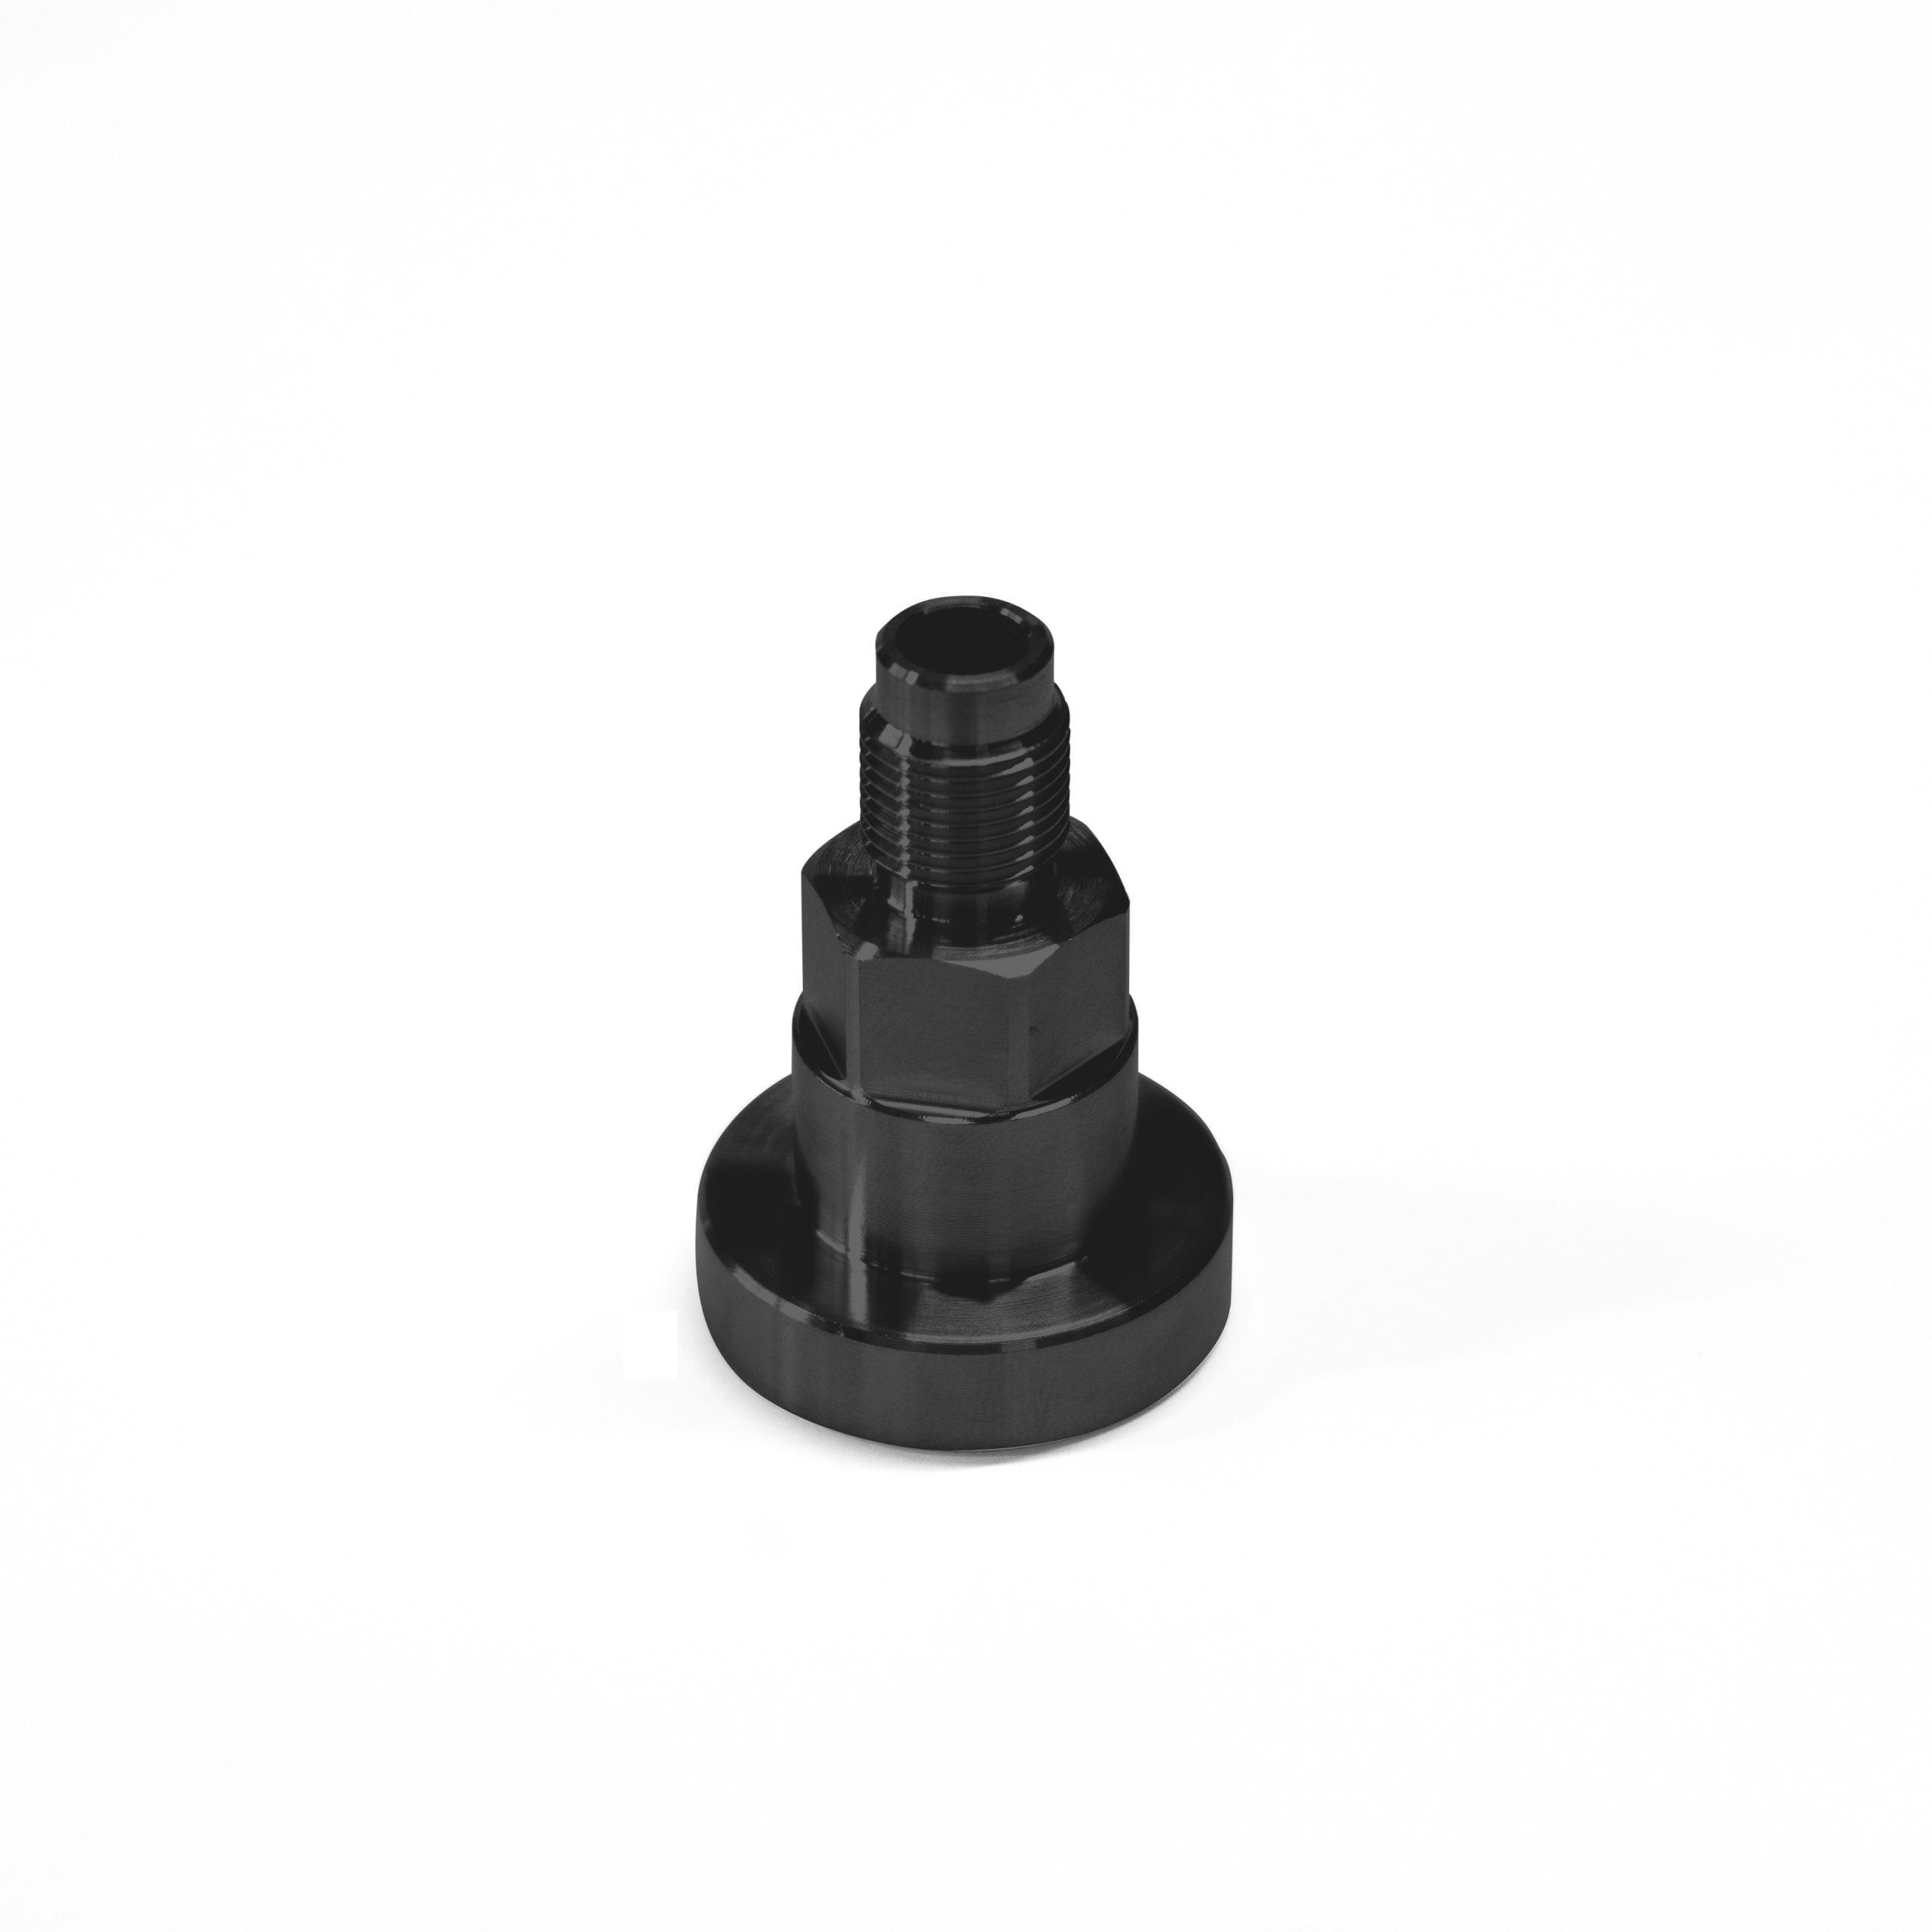 FPS adapter M12x1 external thread